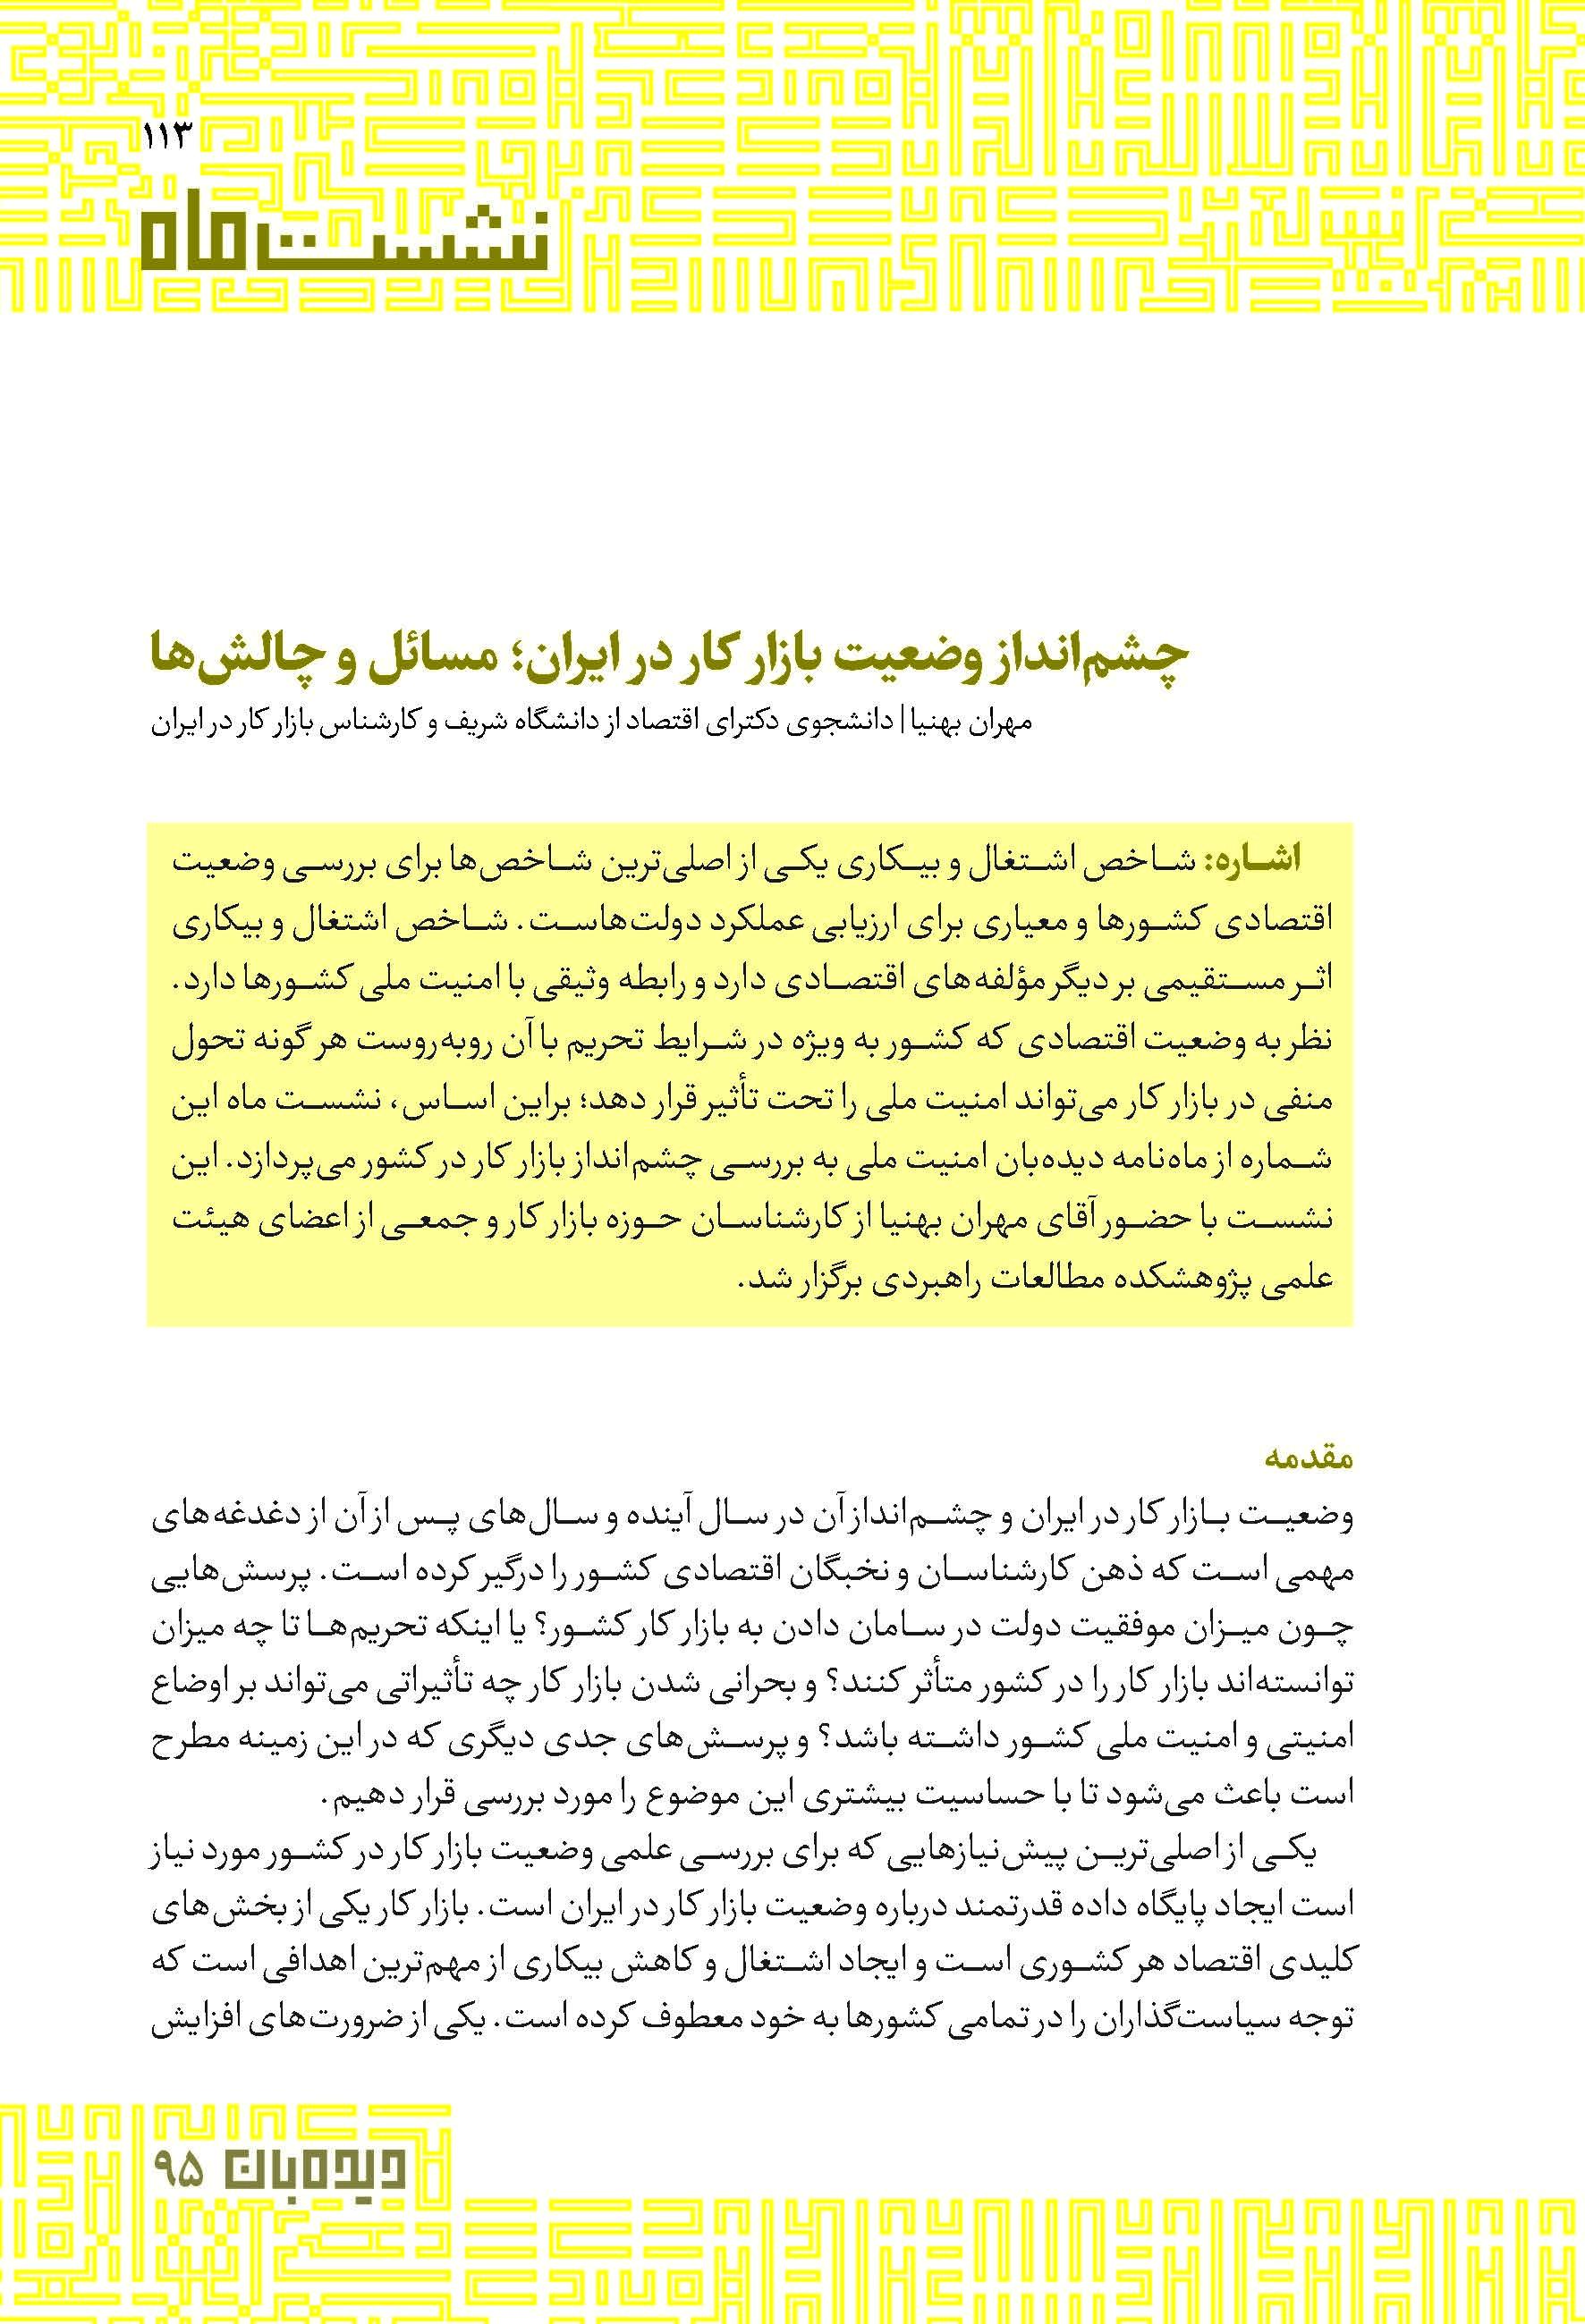 چشمانداز وضعیت بازار کار در ایران؛ مسائل و چالشها